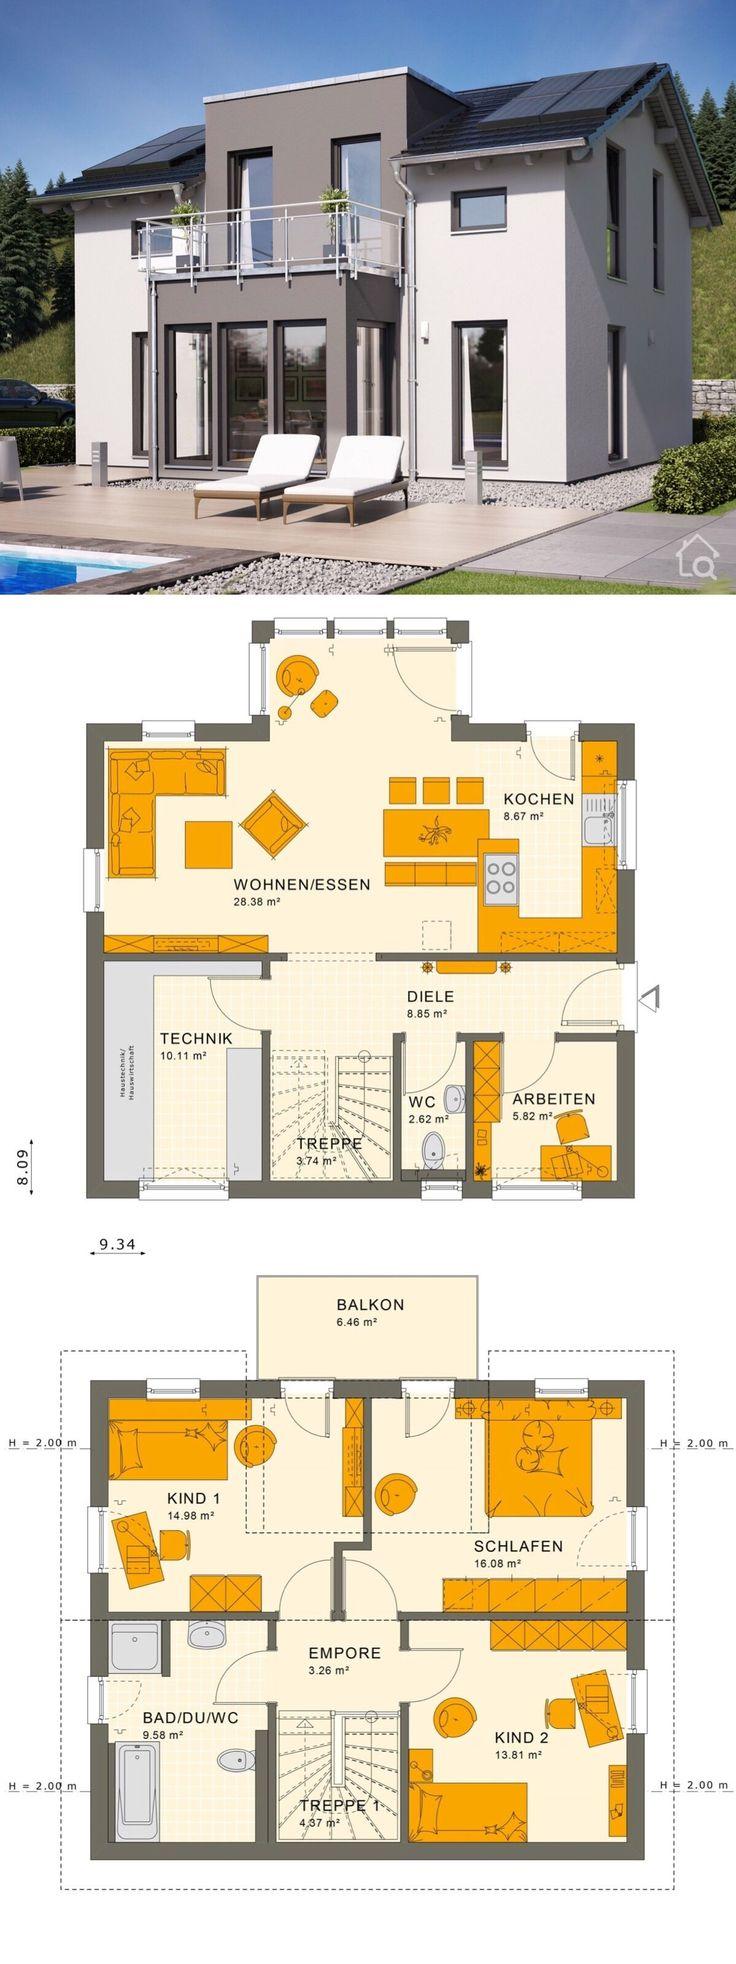 fertighaus modern grundriss mit satteldach zwerchgiebel wintergarten erker 5 zimmer 125 qm